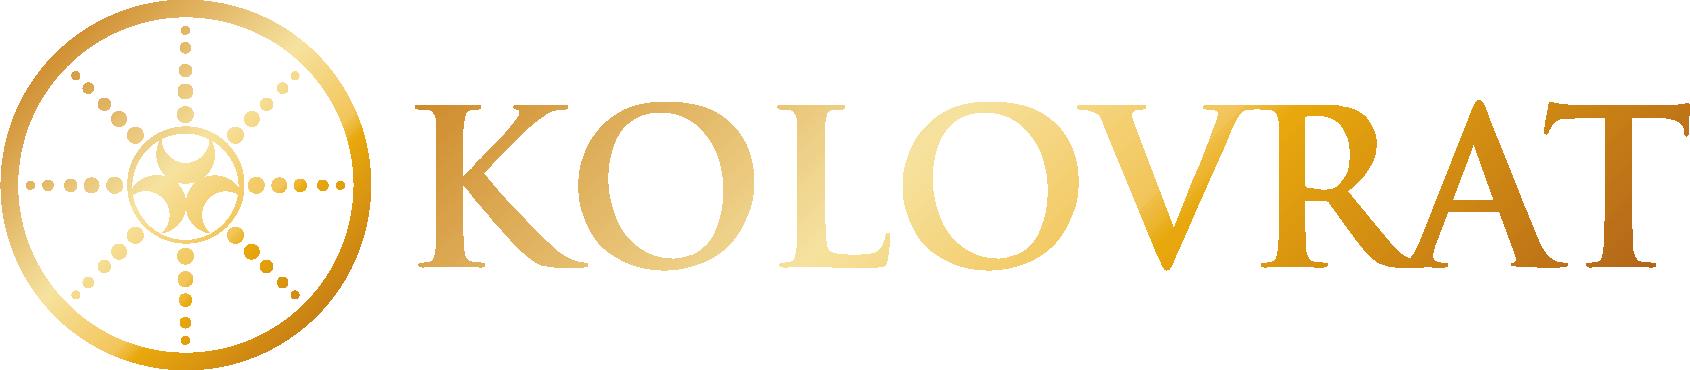 kolovrat logo